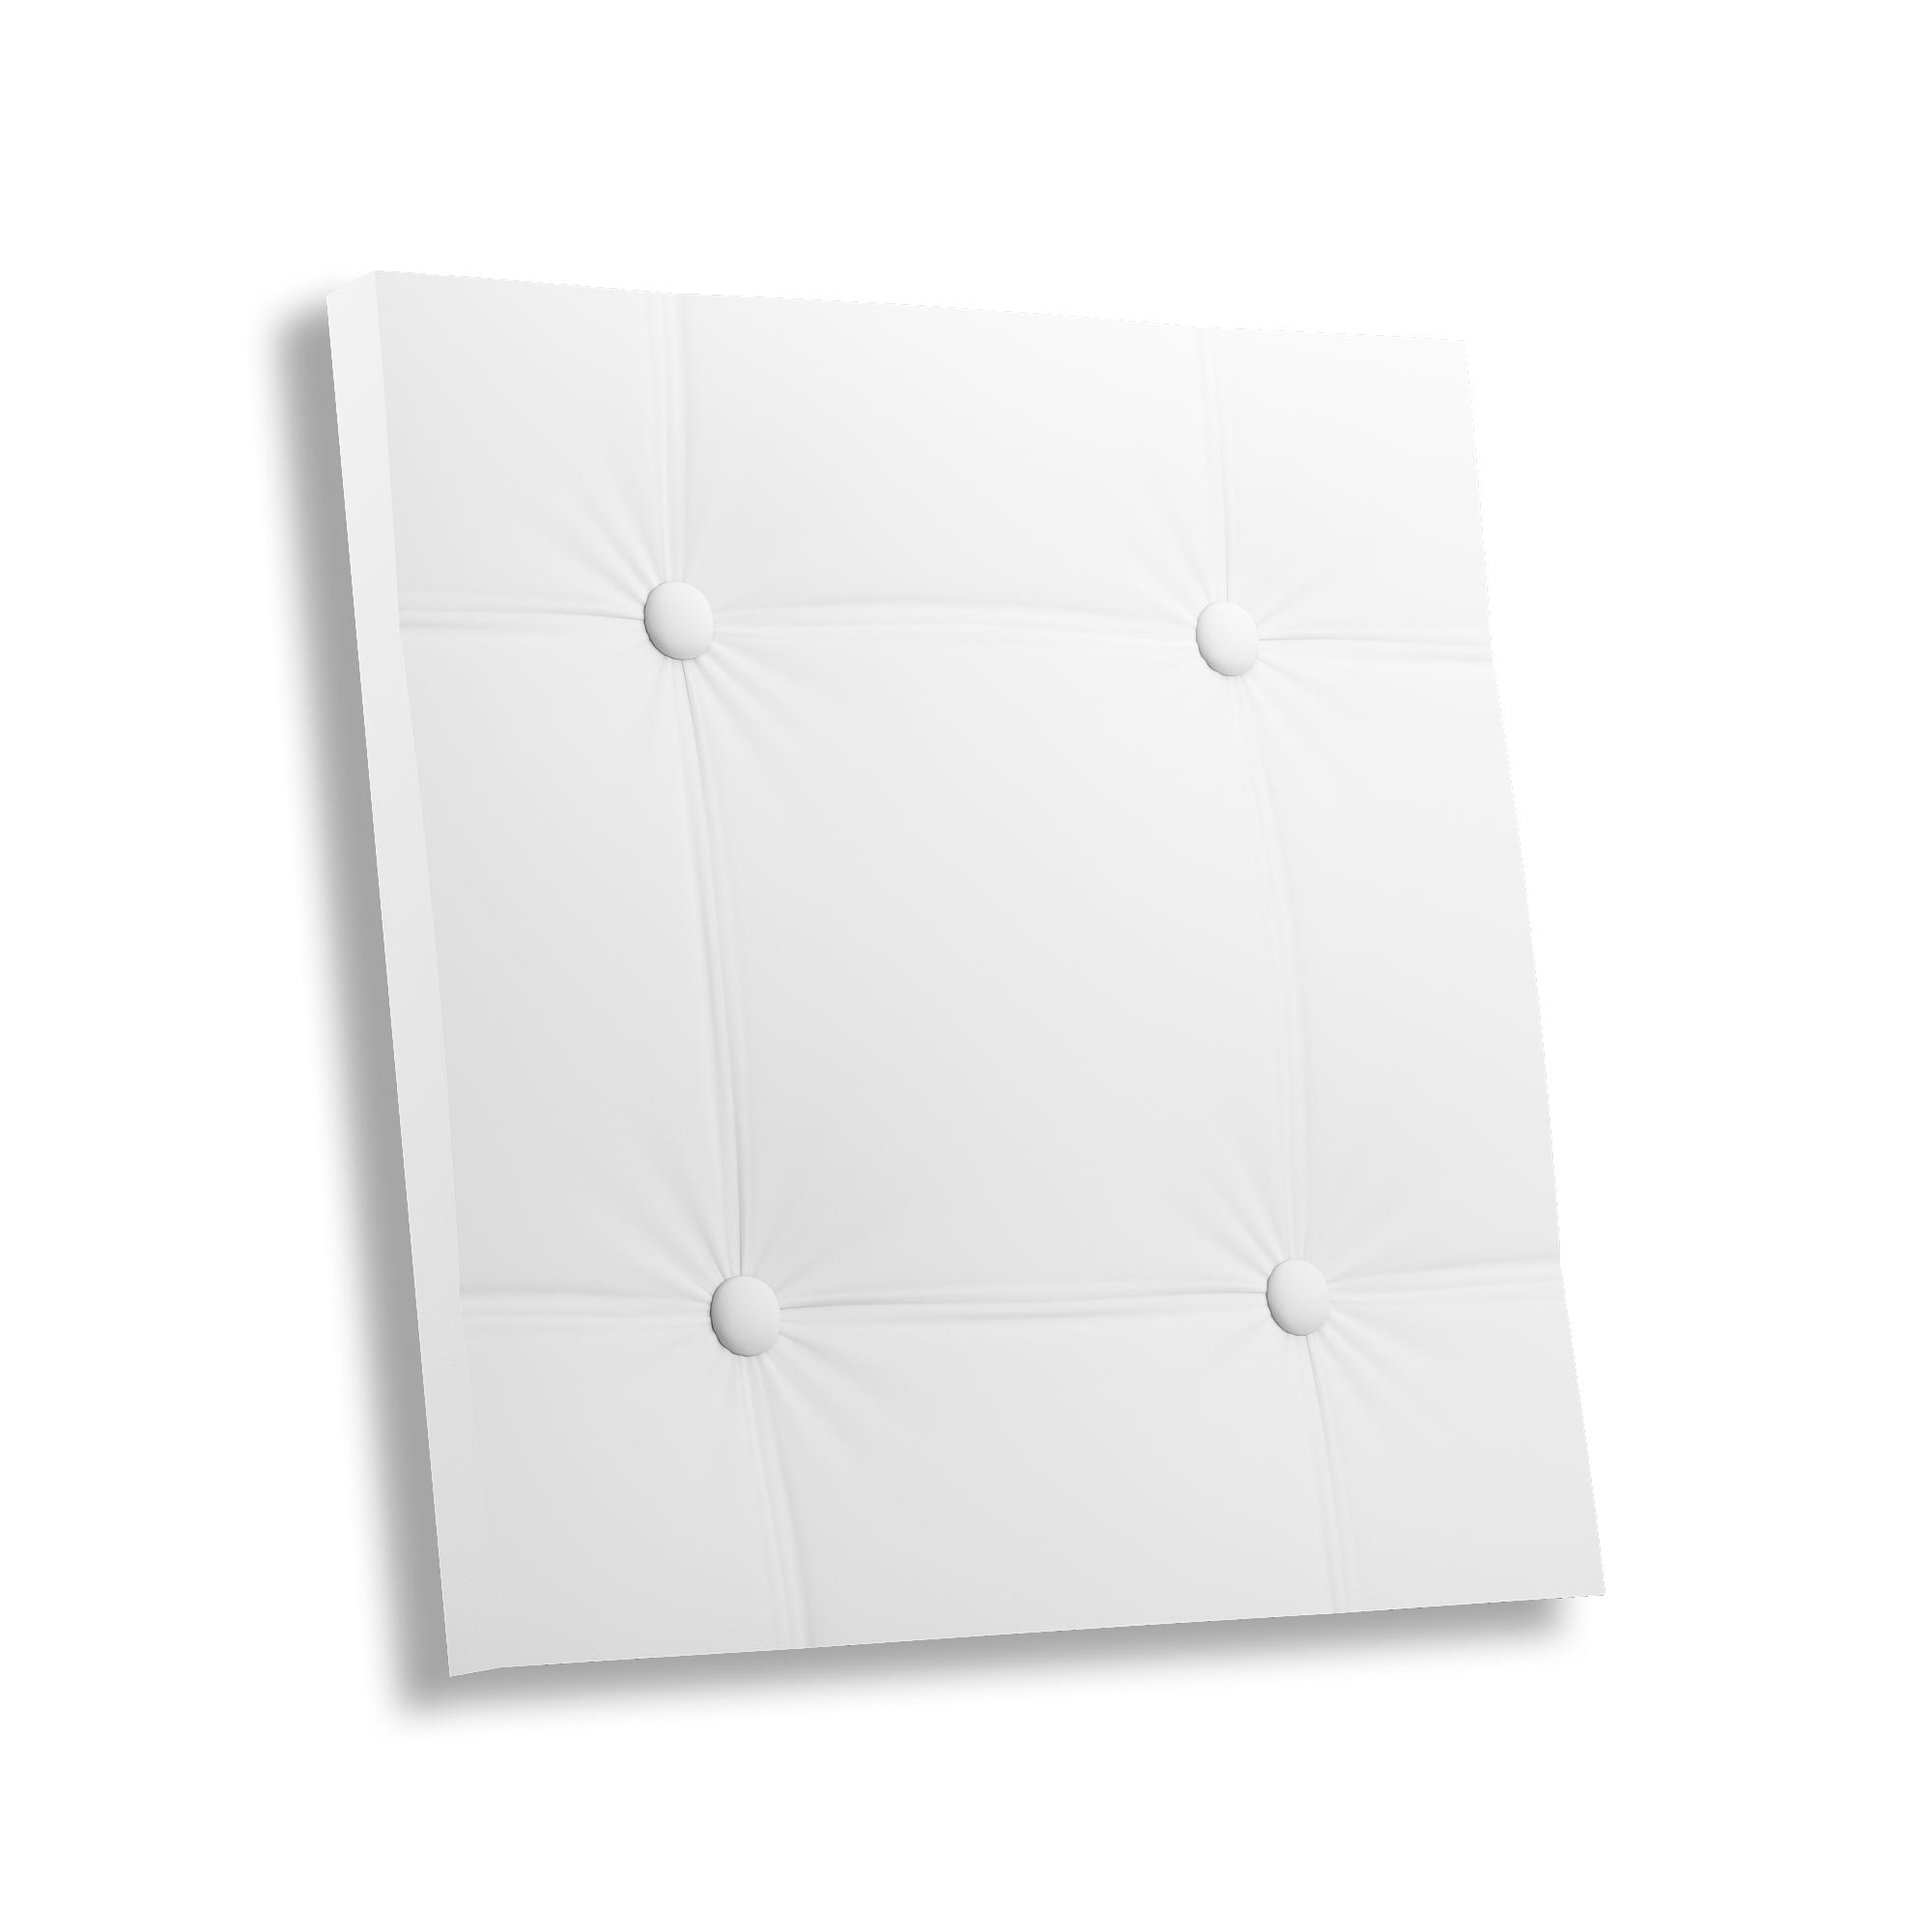 Гипсовая 3D панель КОЖА ПРЯМОЙ КВАДРАТ